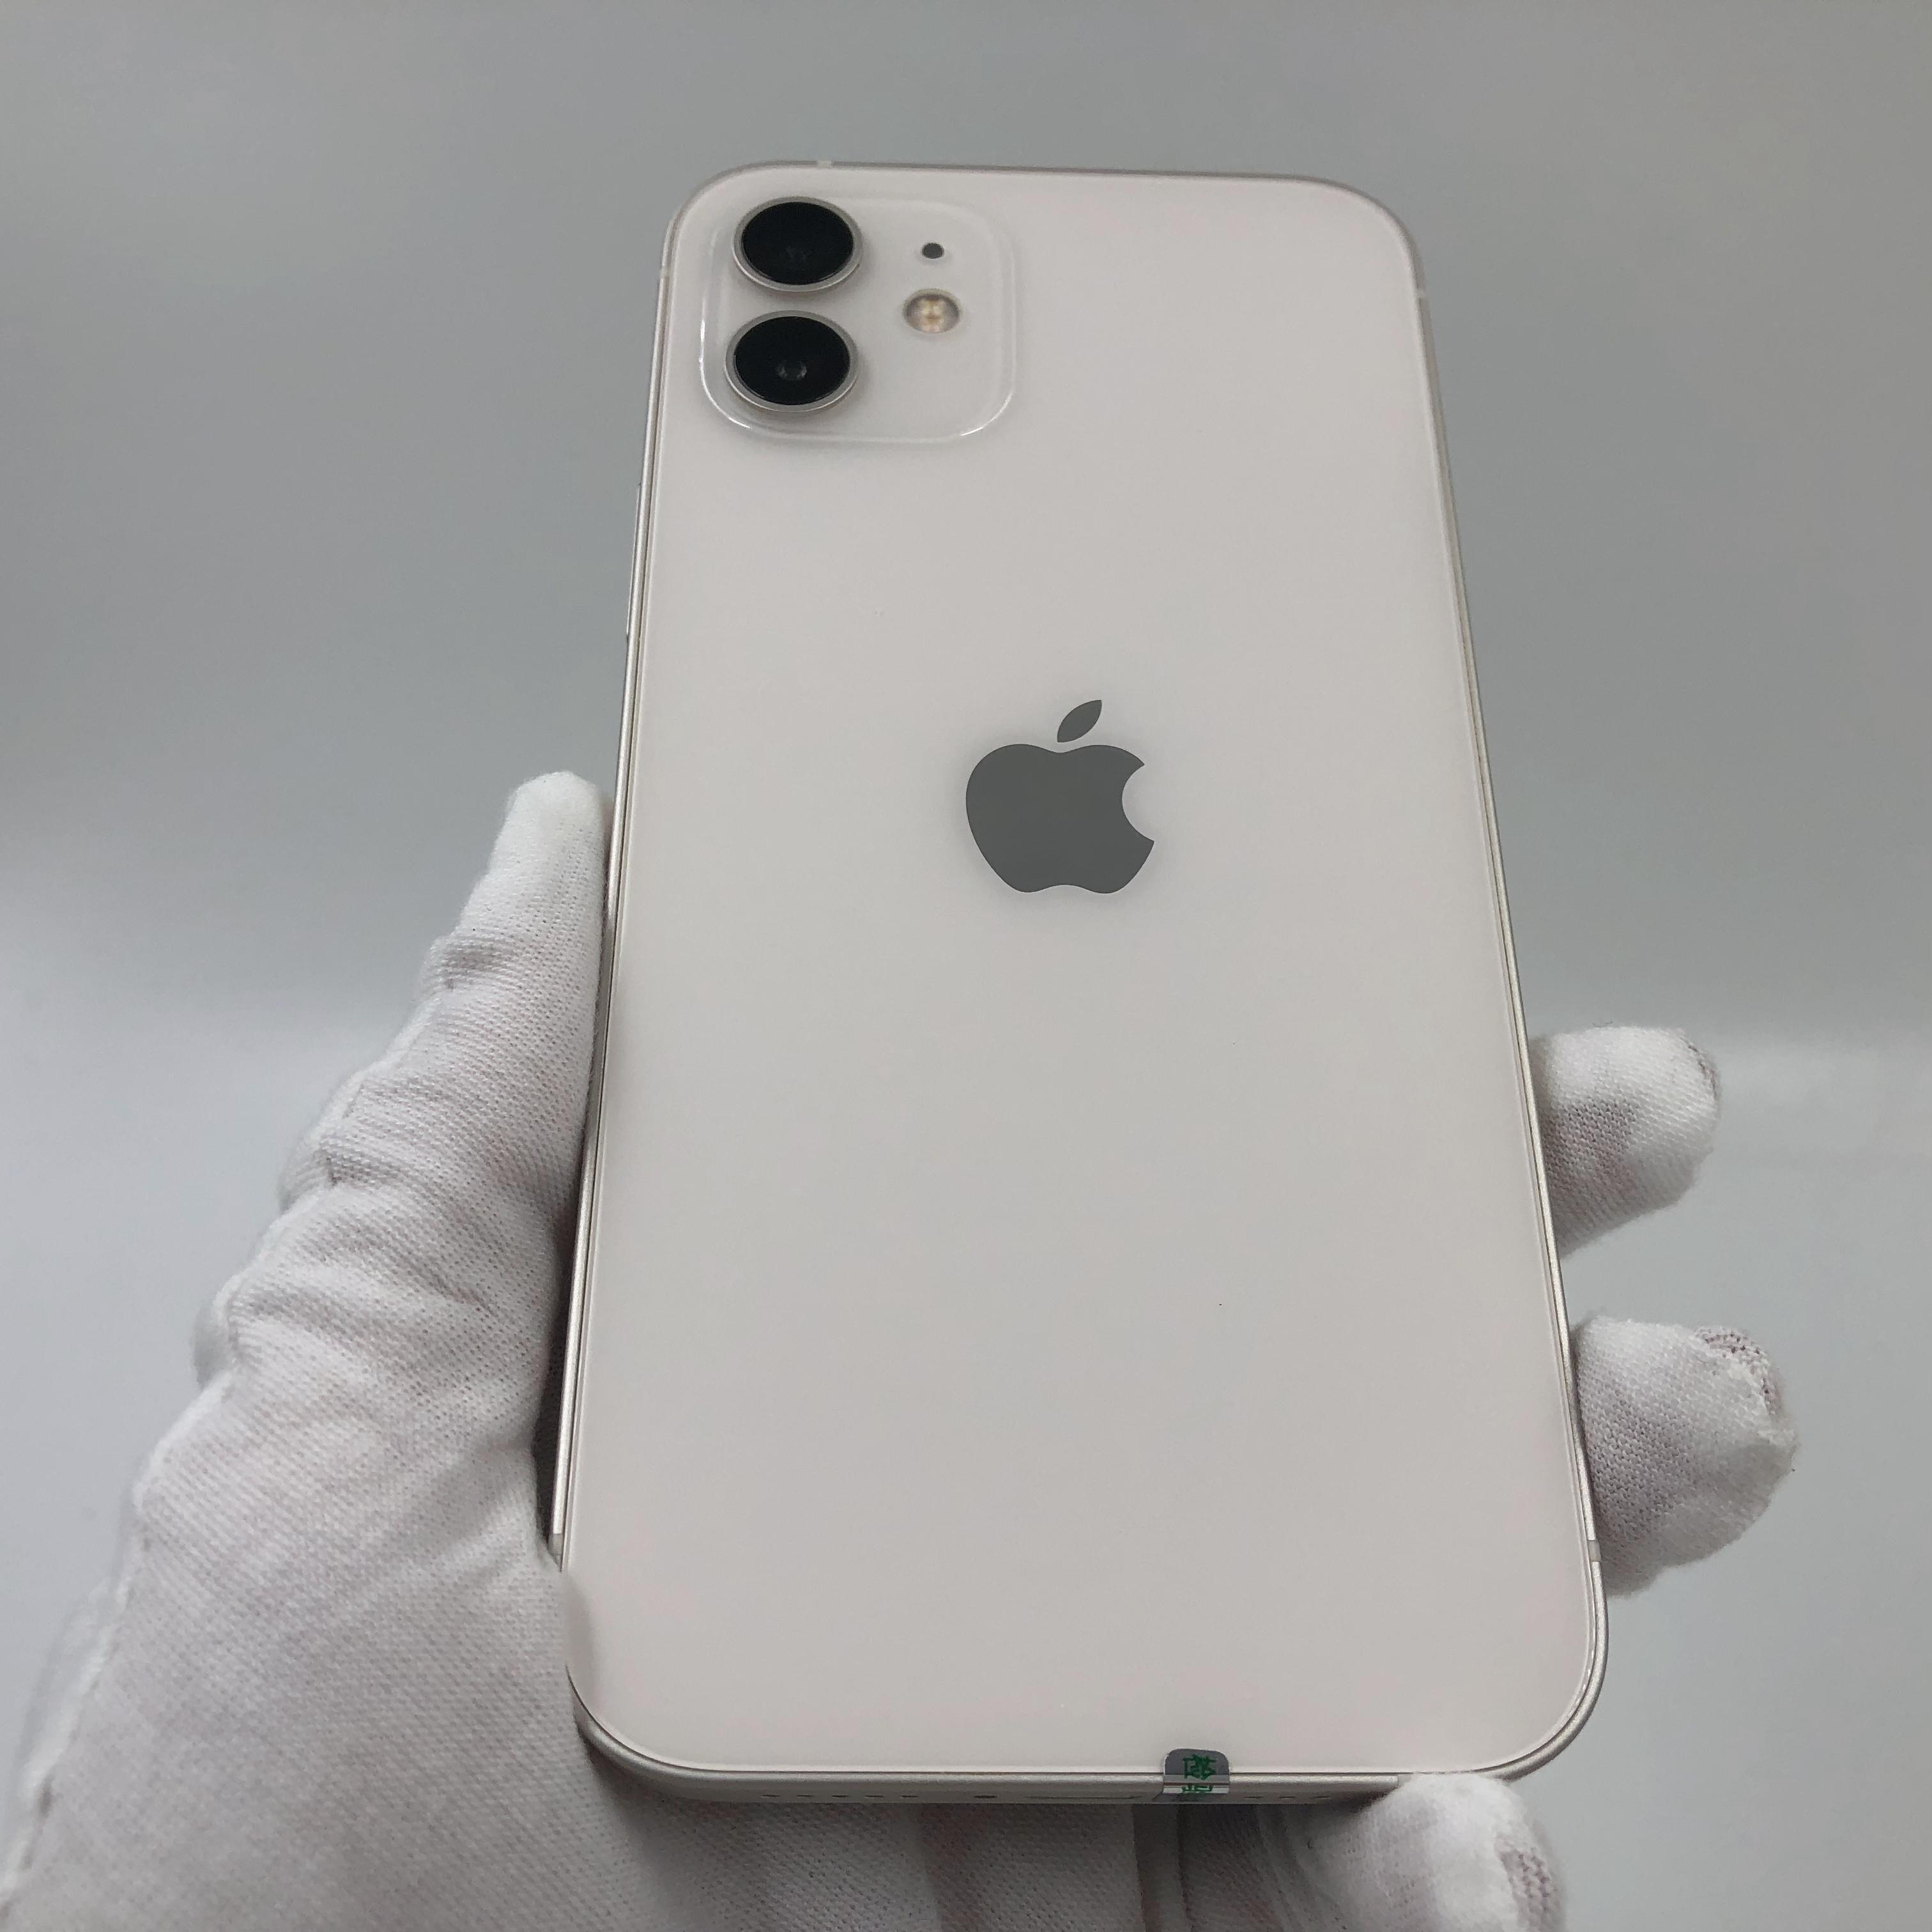 苹果【iPhone 12】5G全网通 白色 128G 国行 8成新 真机实拍官保2022-01-29